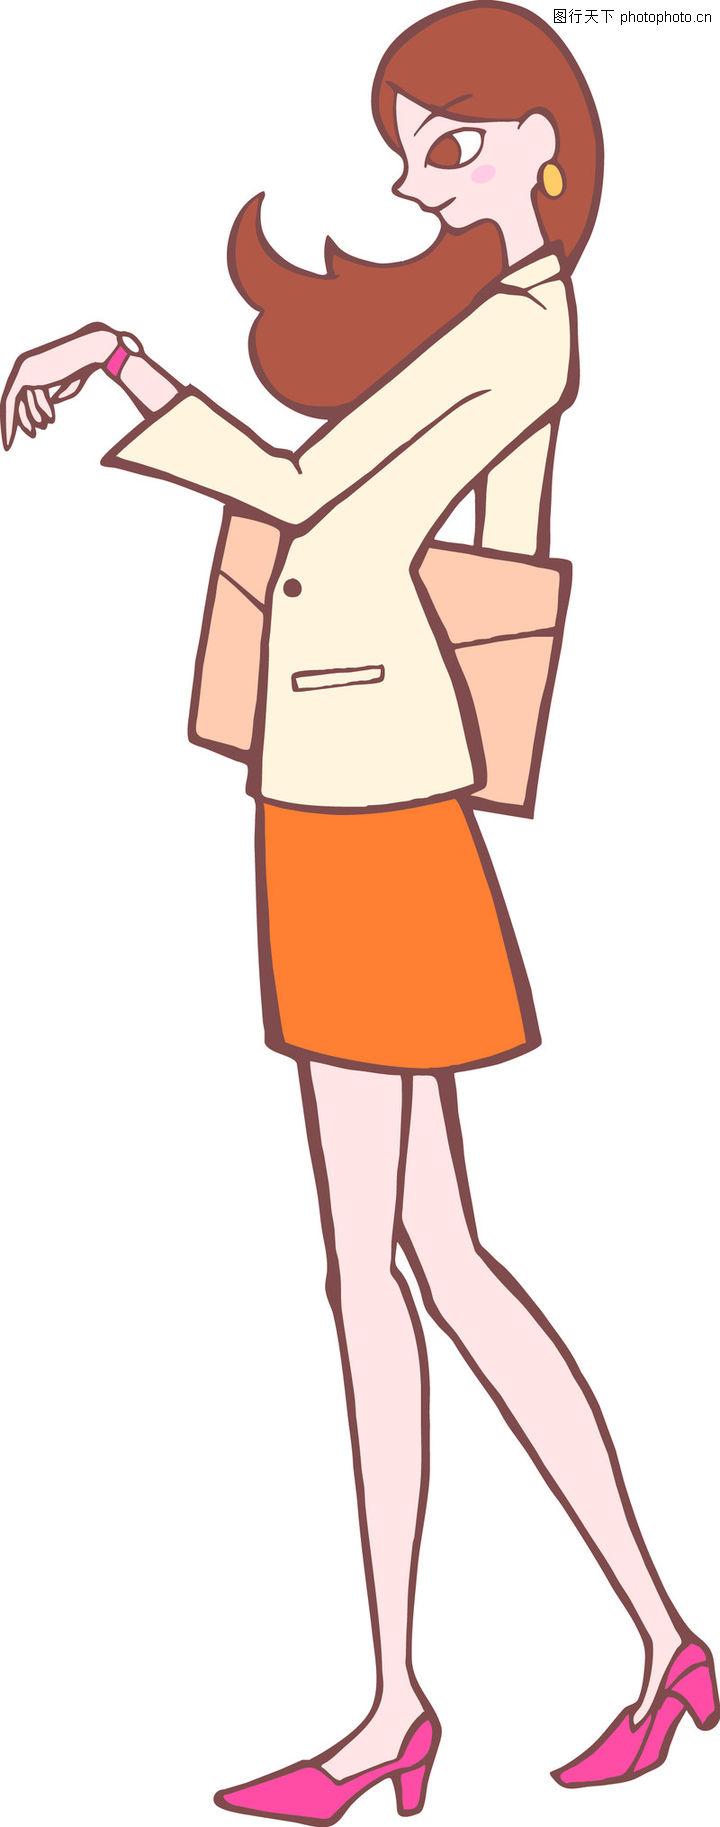 时尚女性 卡通人物